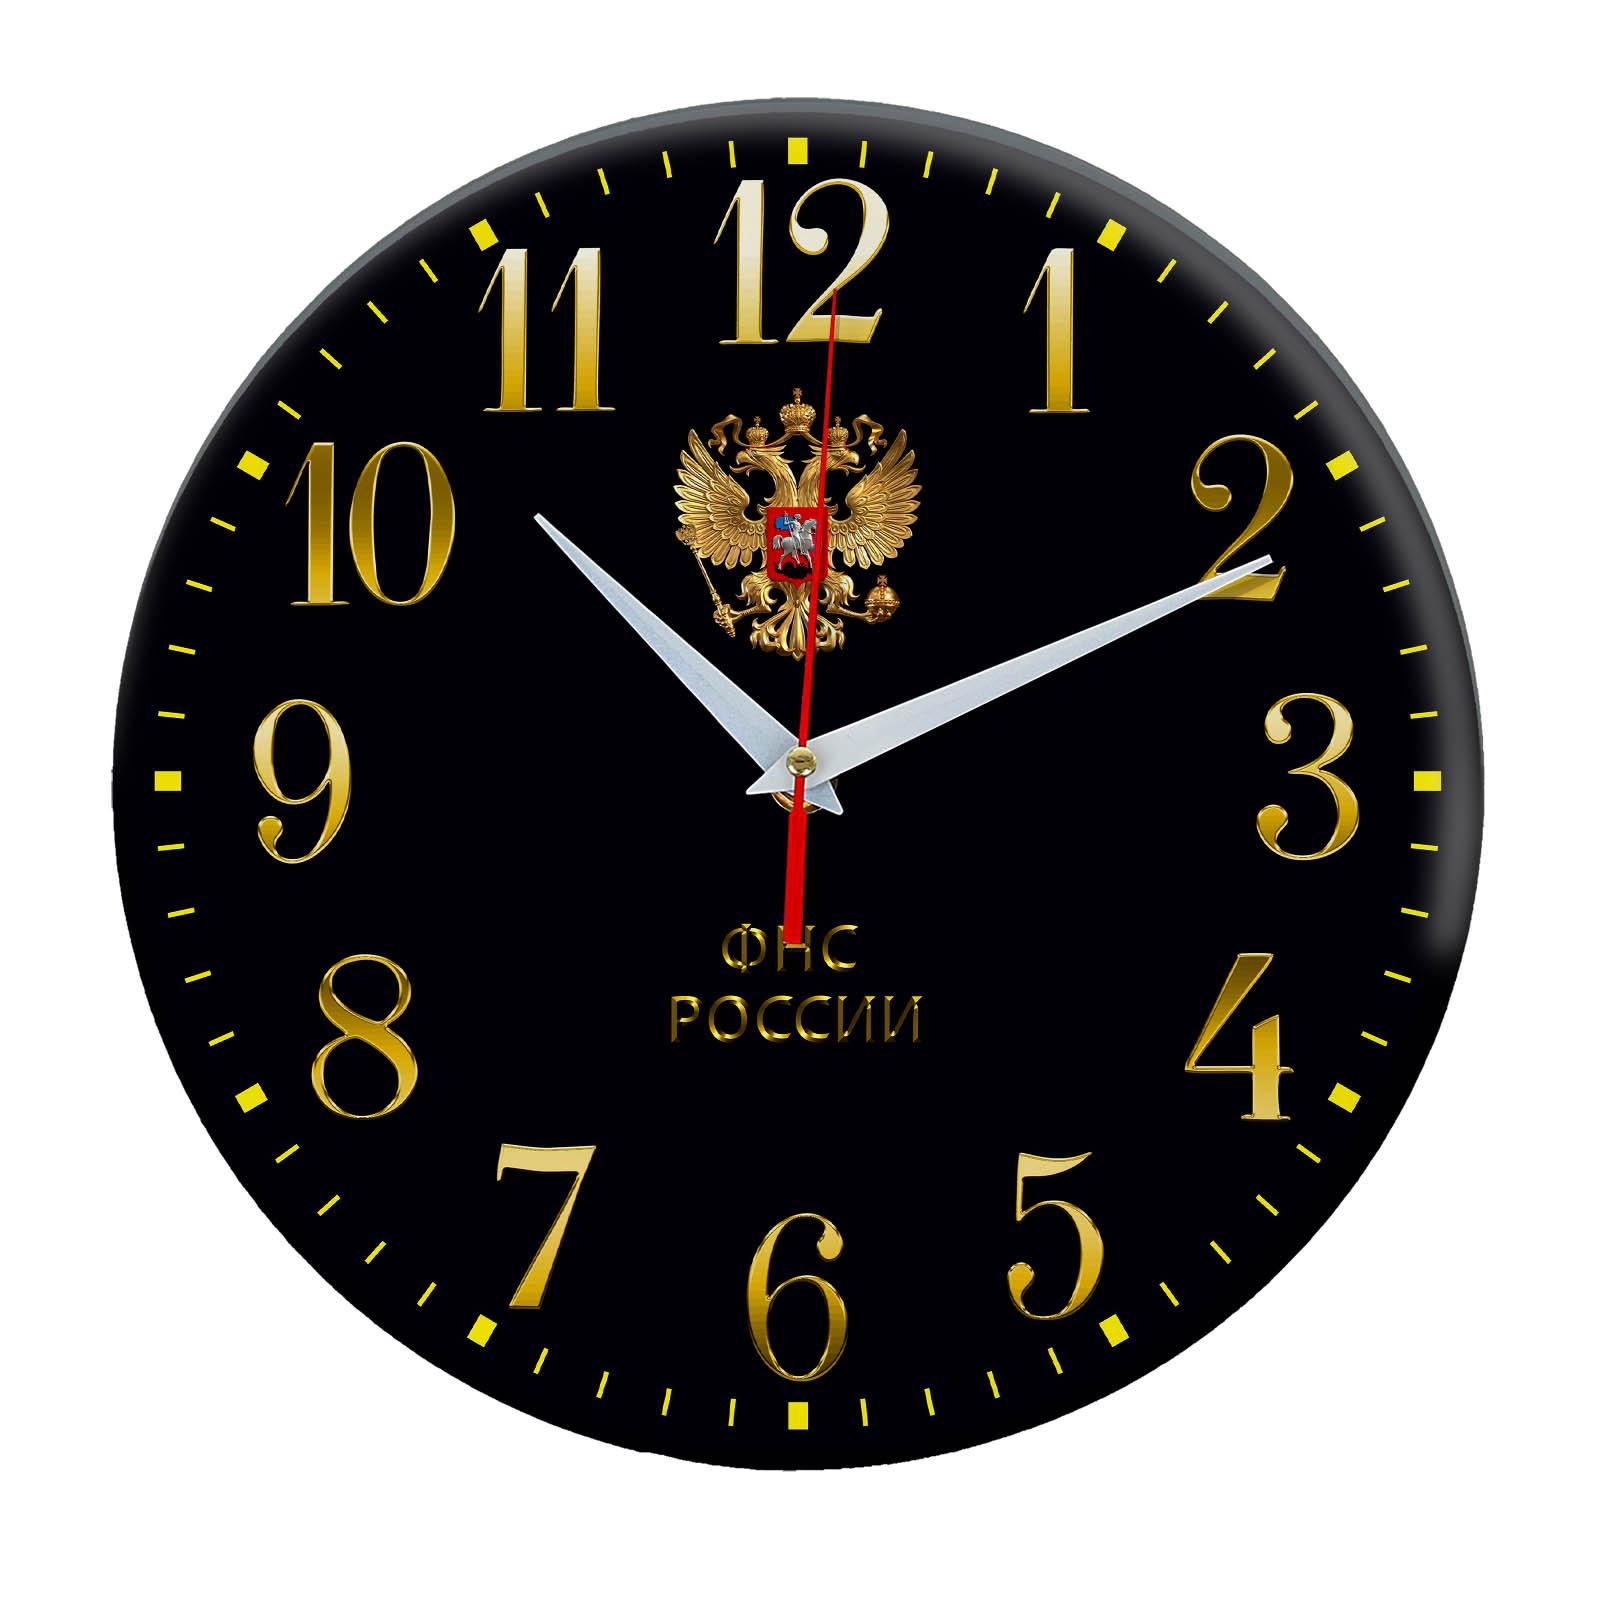 Настенные часы ФНС России золото